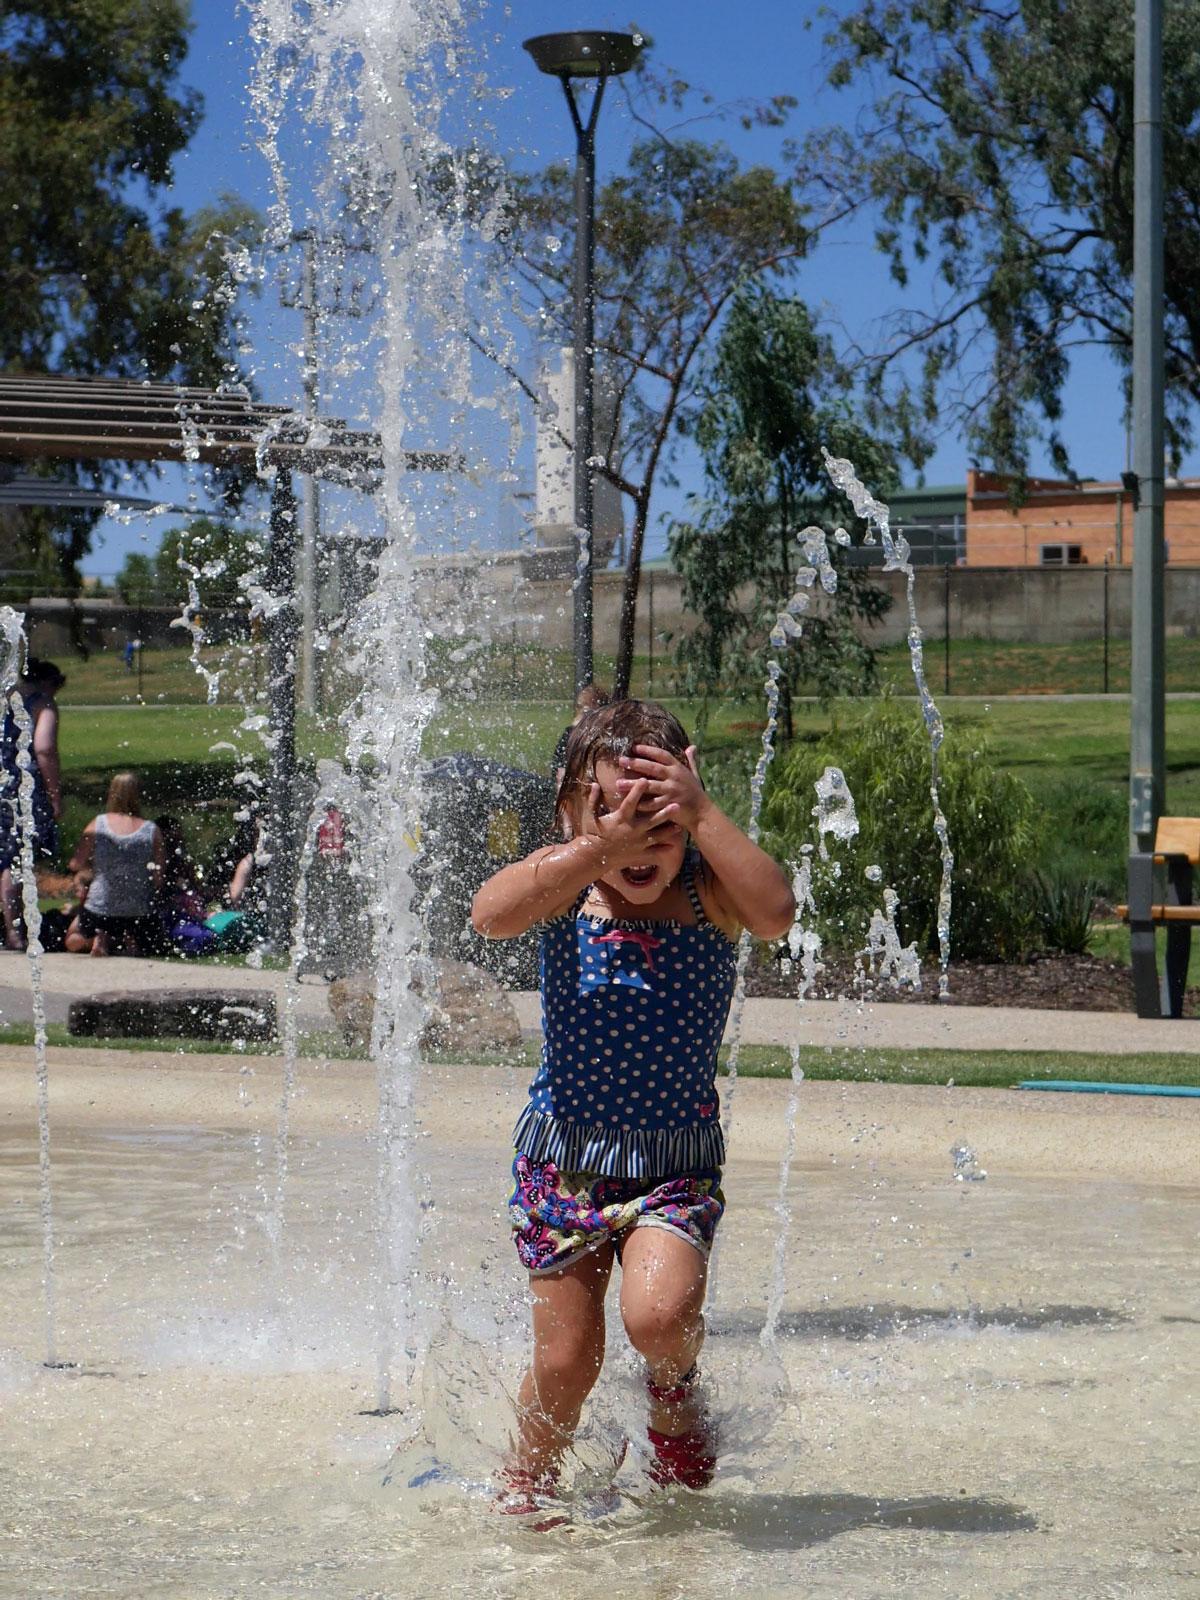 splash-park-4.jpg